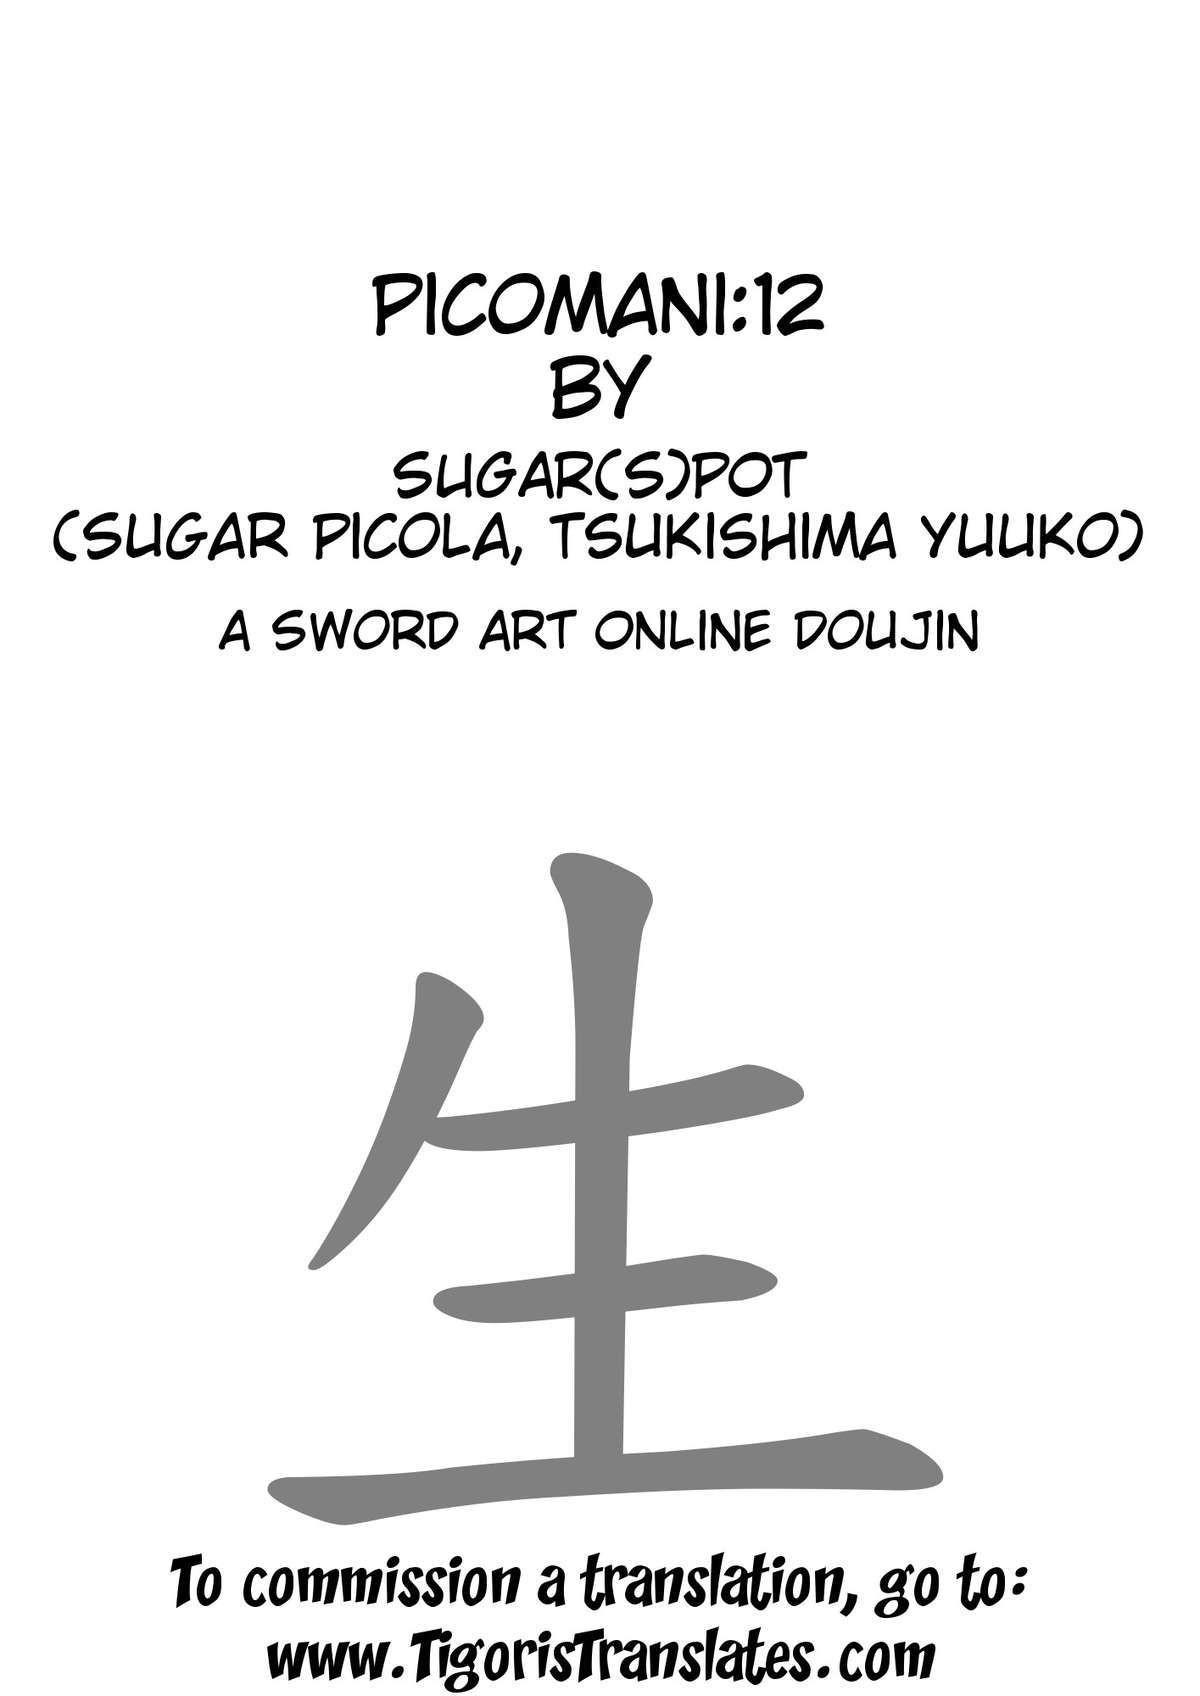 Picomani 12 03